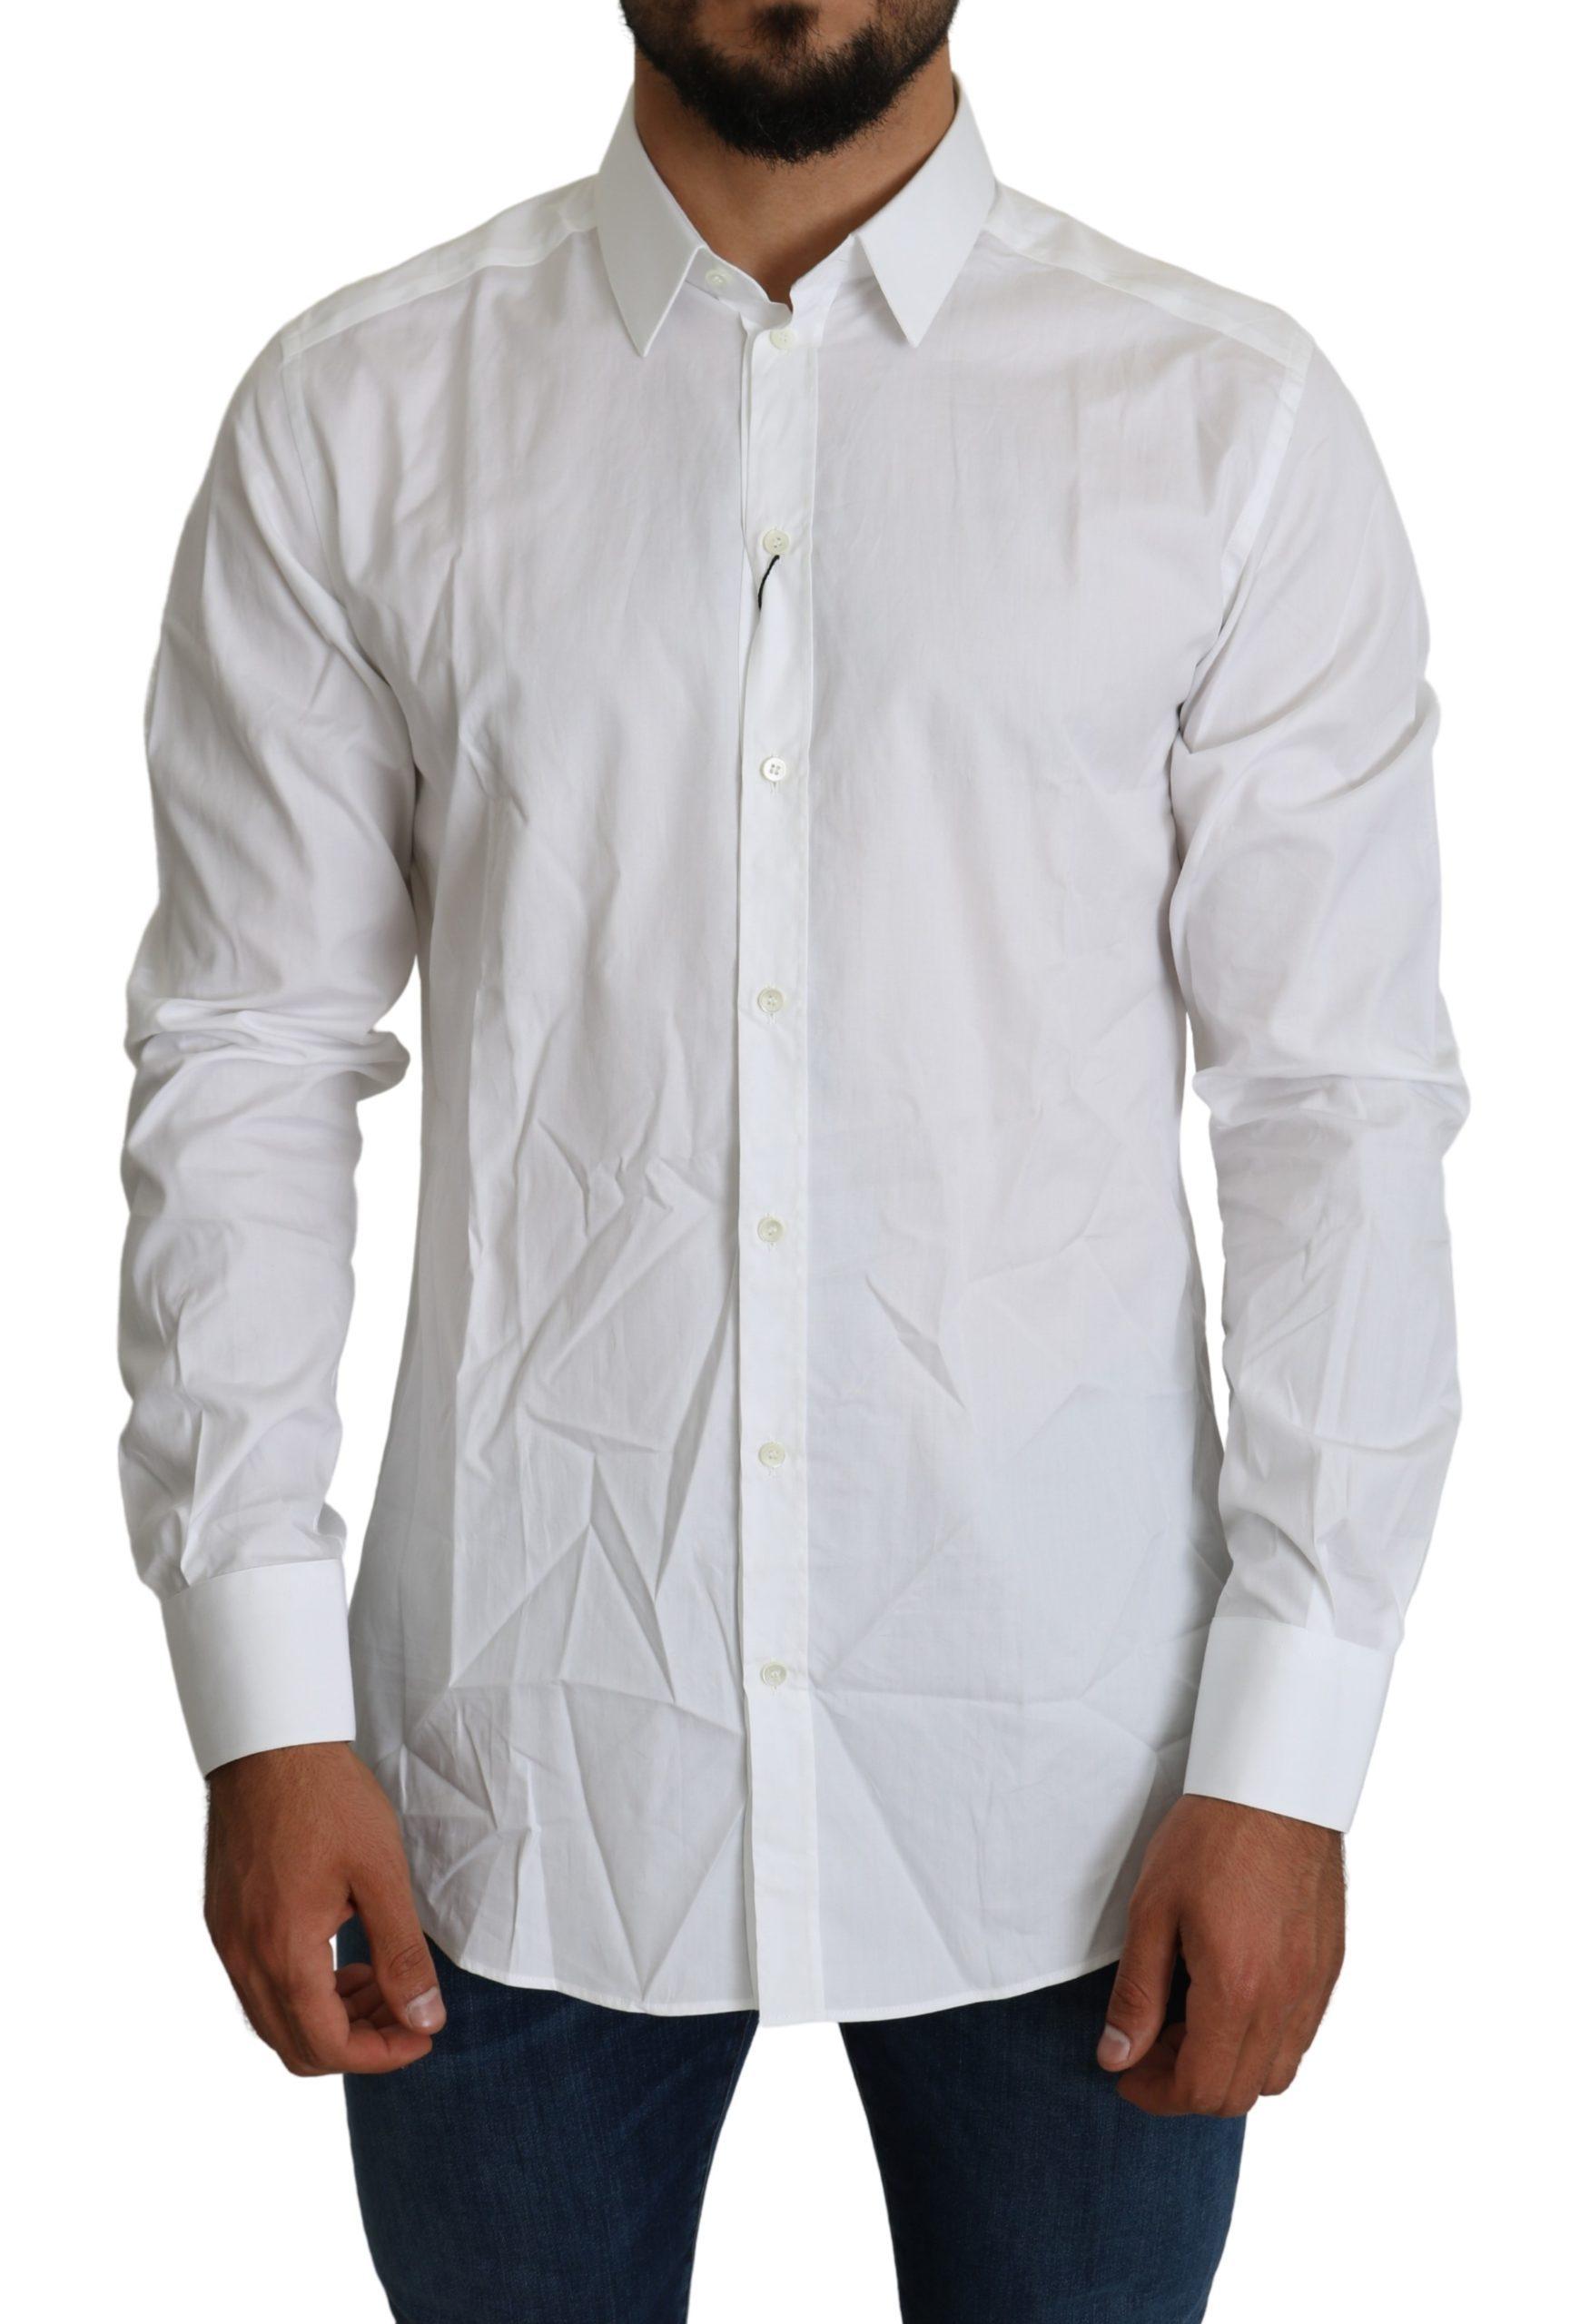 Dolce & Gabbana Men's Formal Cotton Shirt White TSH5229 - IT41   L